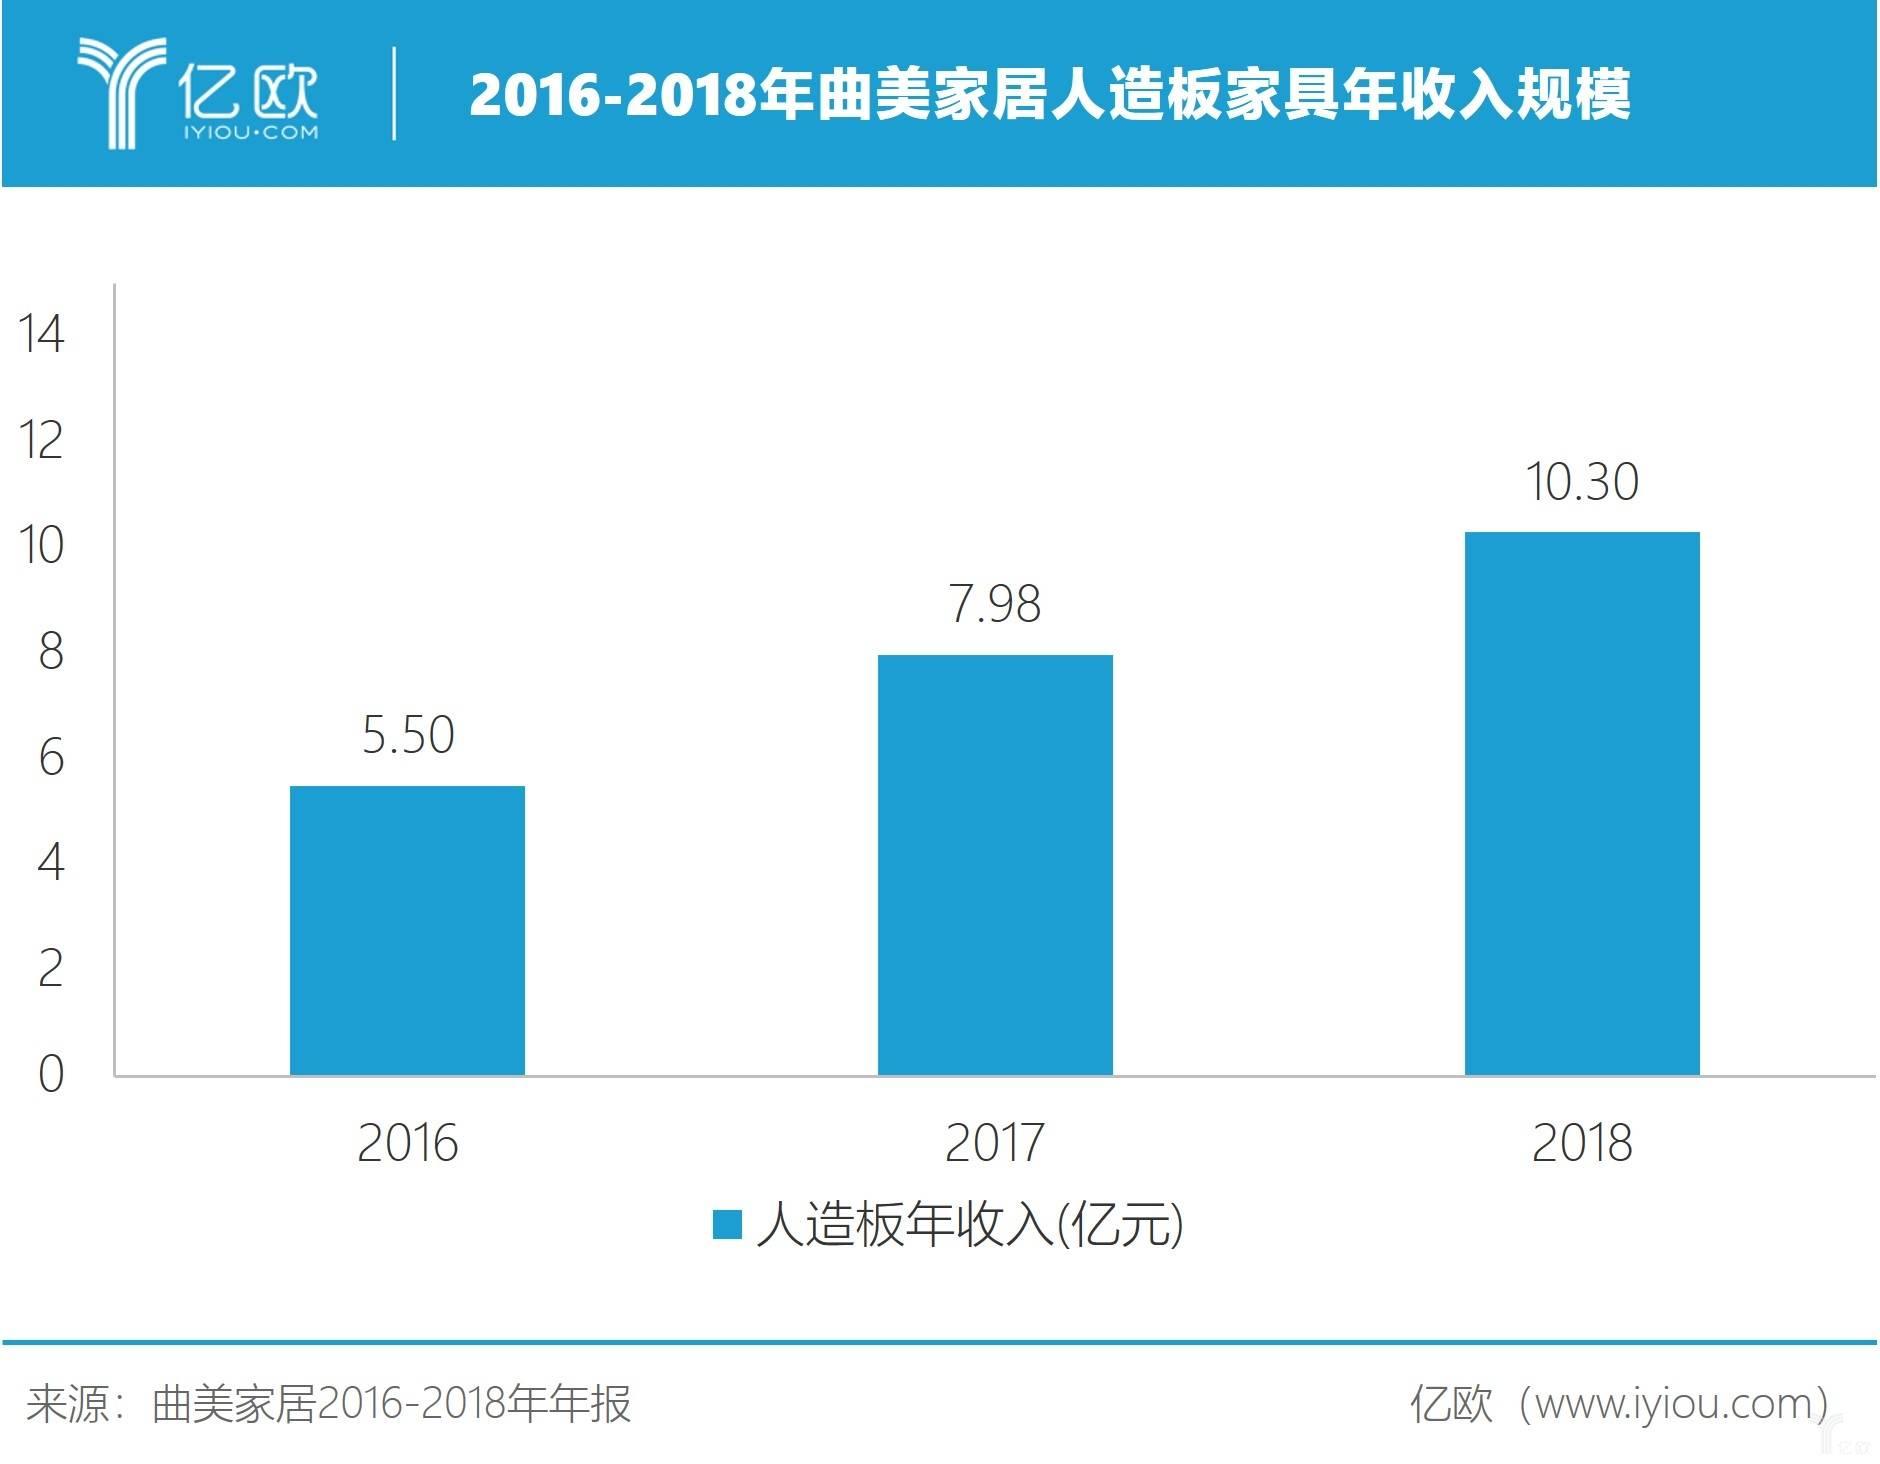 2016-2018年曲美家居人造板家具收入規模。